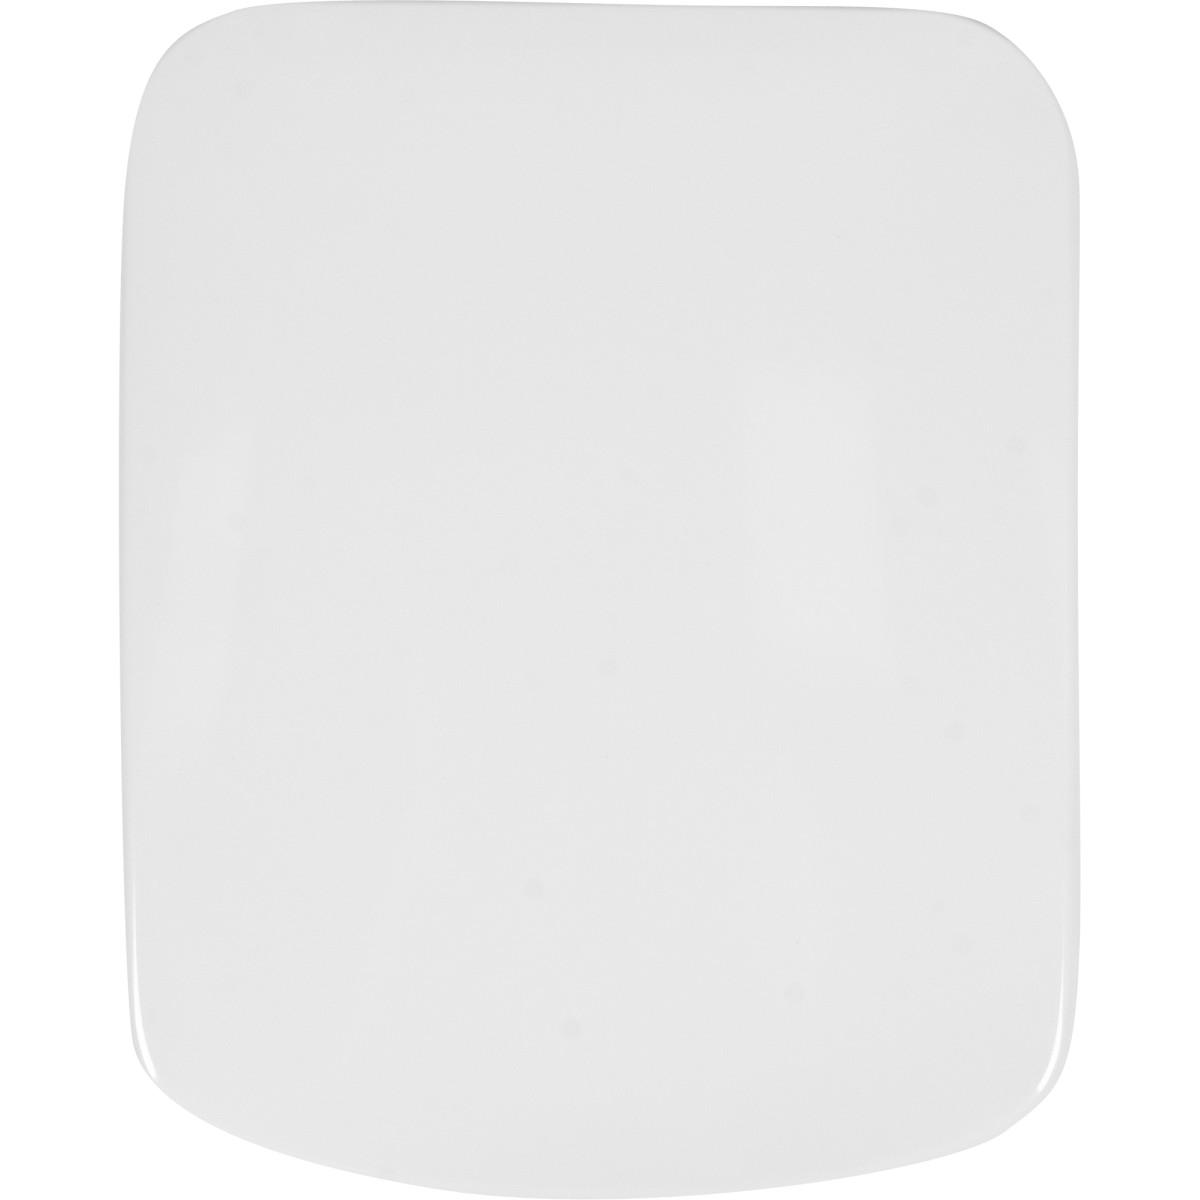 Сиденье для унитаза Geberit Selnova дюропласт микролифт цвет белый